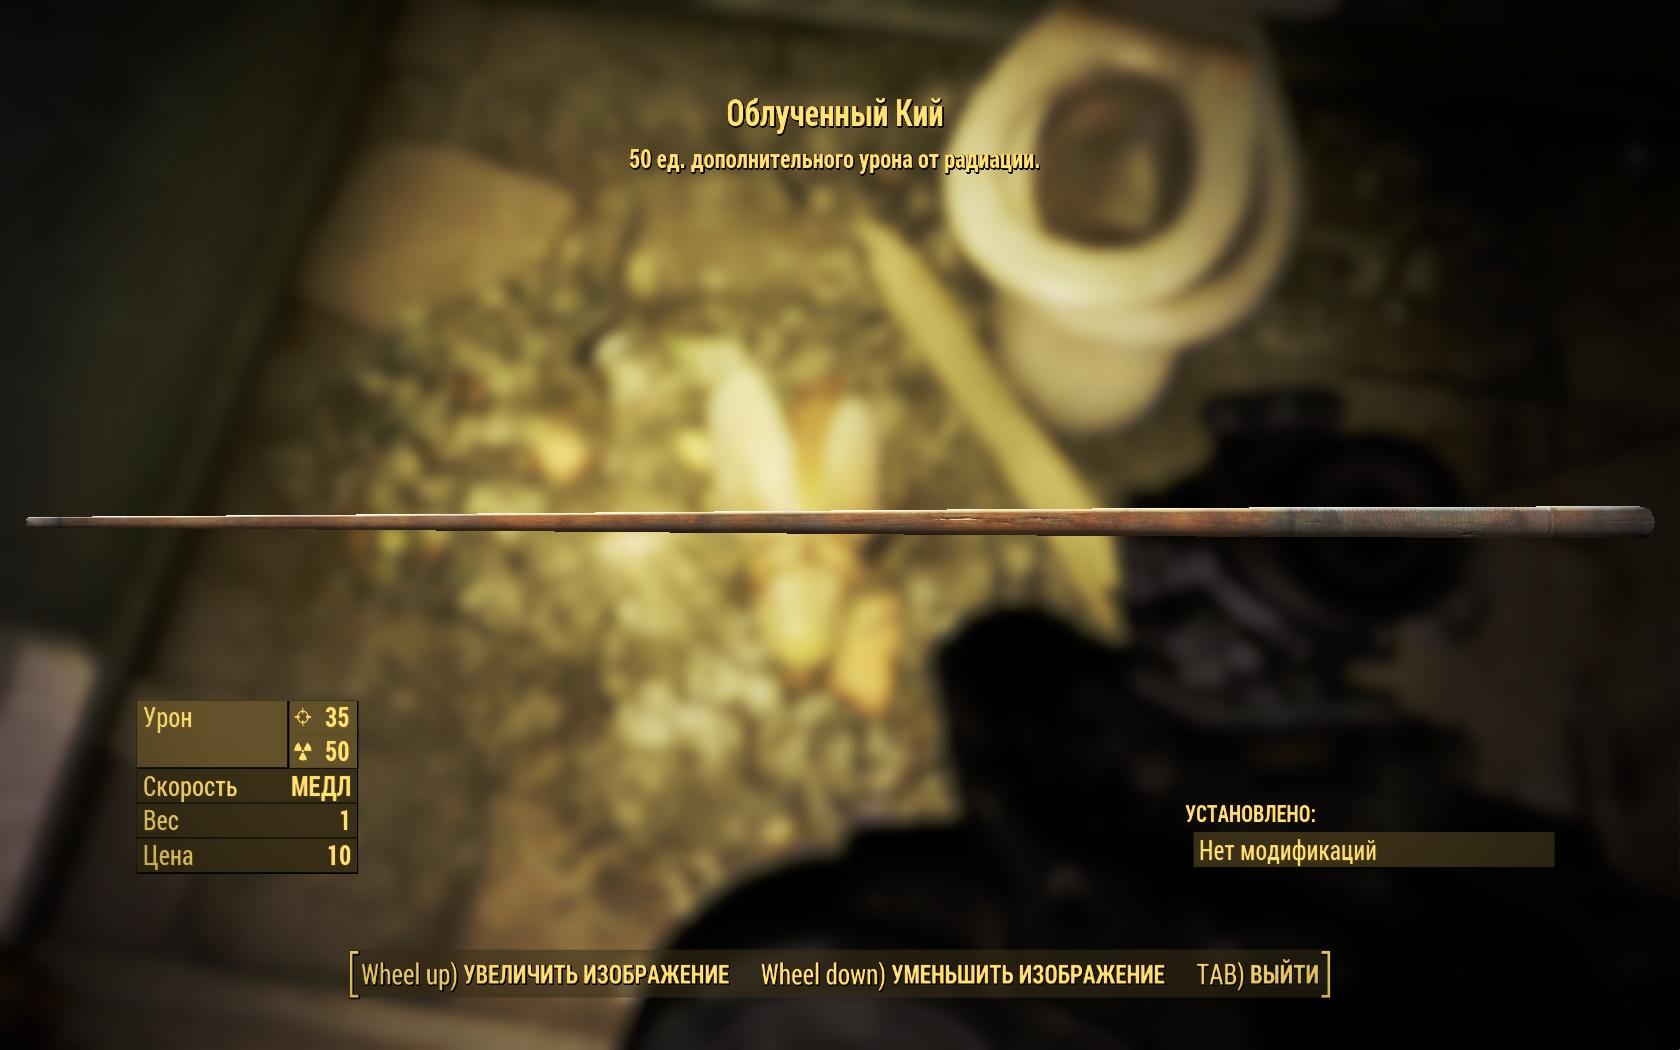 Облучённый кий - Fallout 4 кий, Облучённый, Оружие